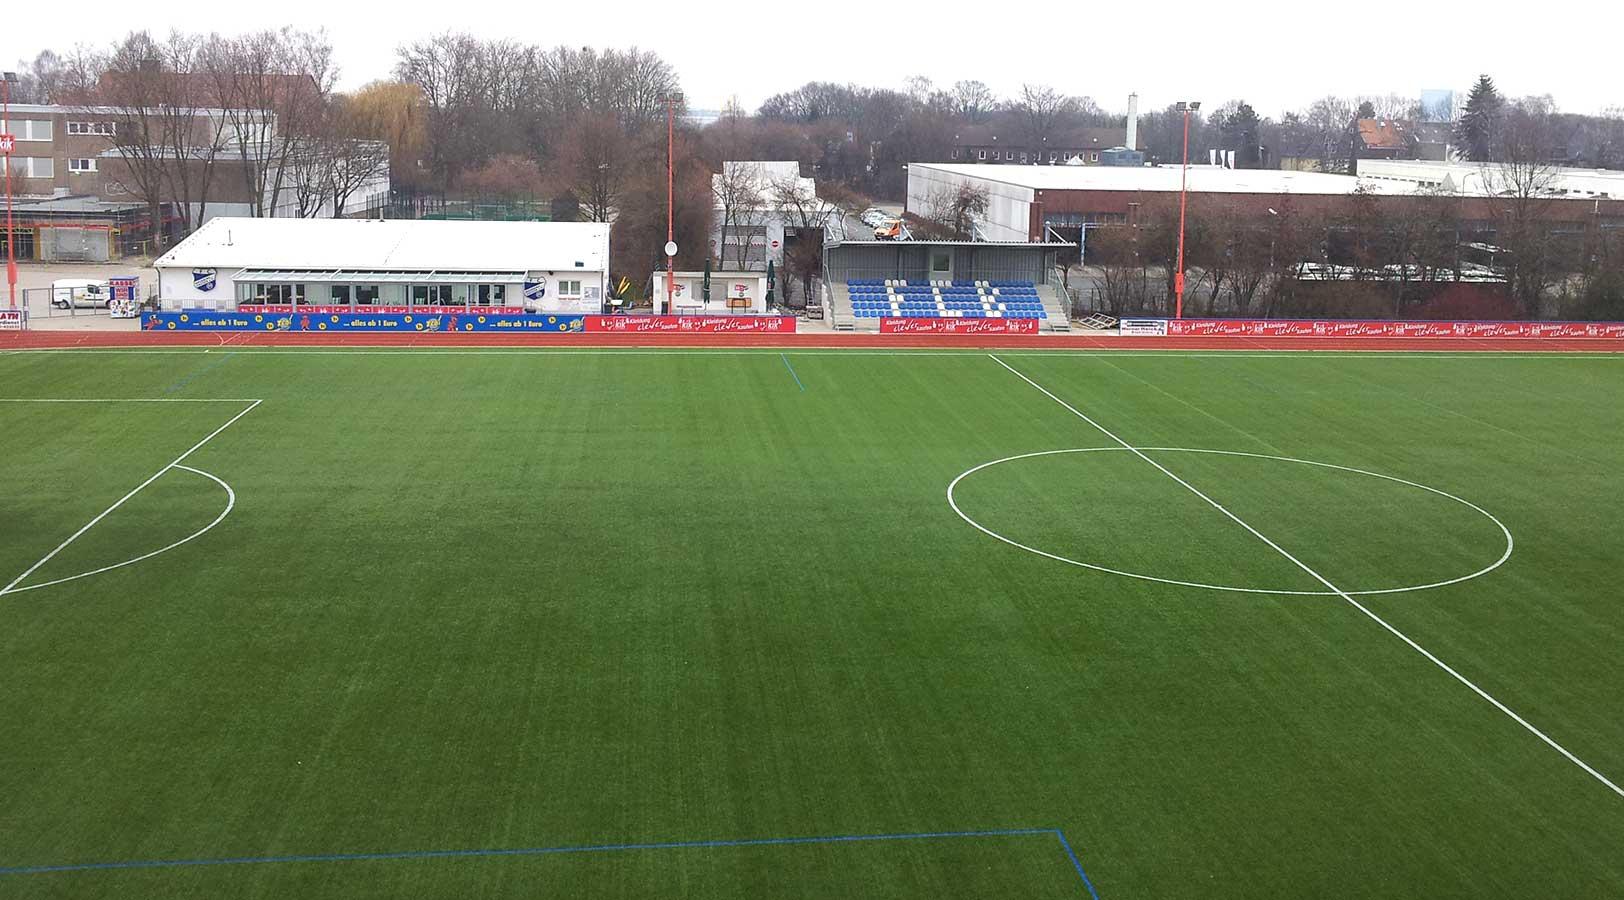 Vereinsheim des FC Brünninghausen